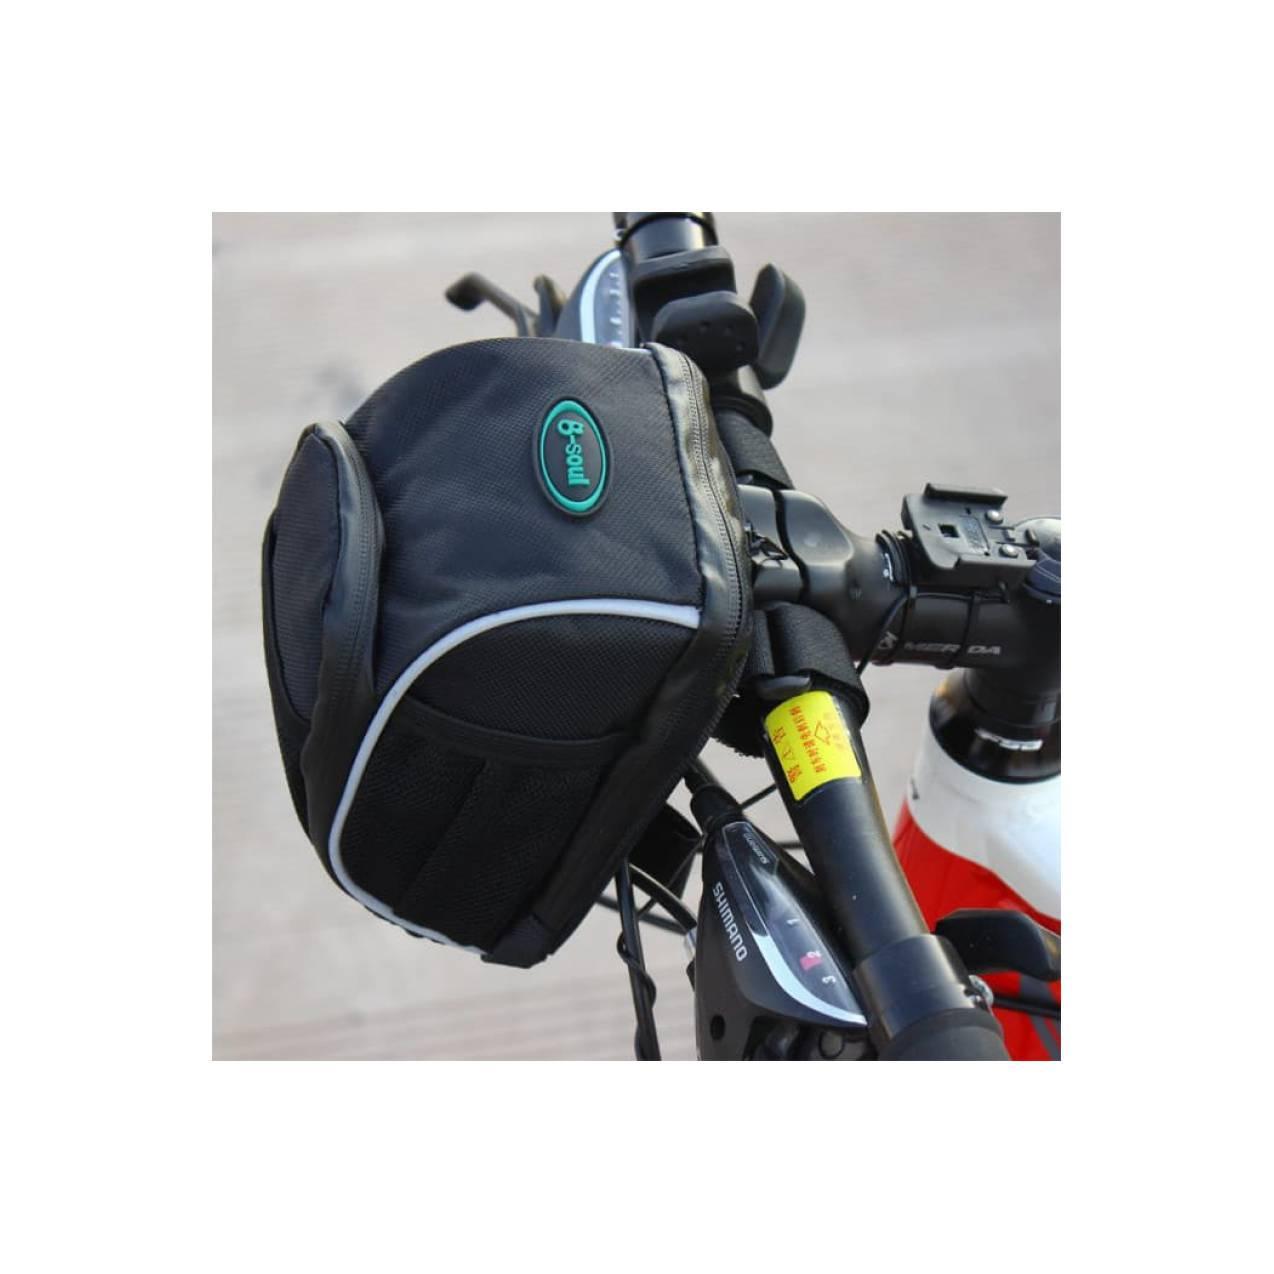 Retro Pria Dan Wanita Tas Ransel Waterproof Merah Sepeda Sp5 Touring Sadel Tools Bag Gowes Mountain Gunung Bicy